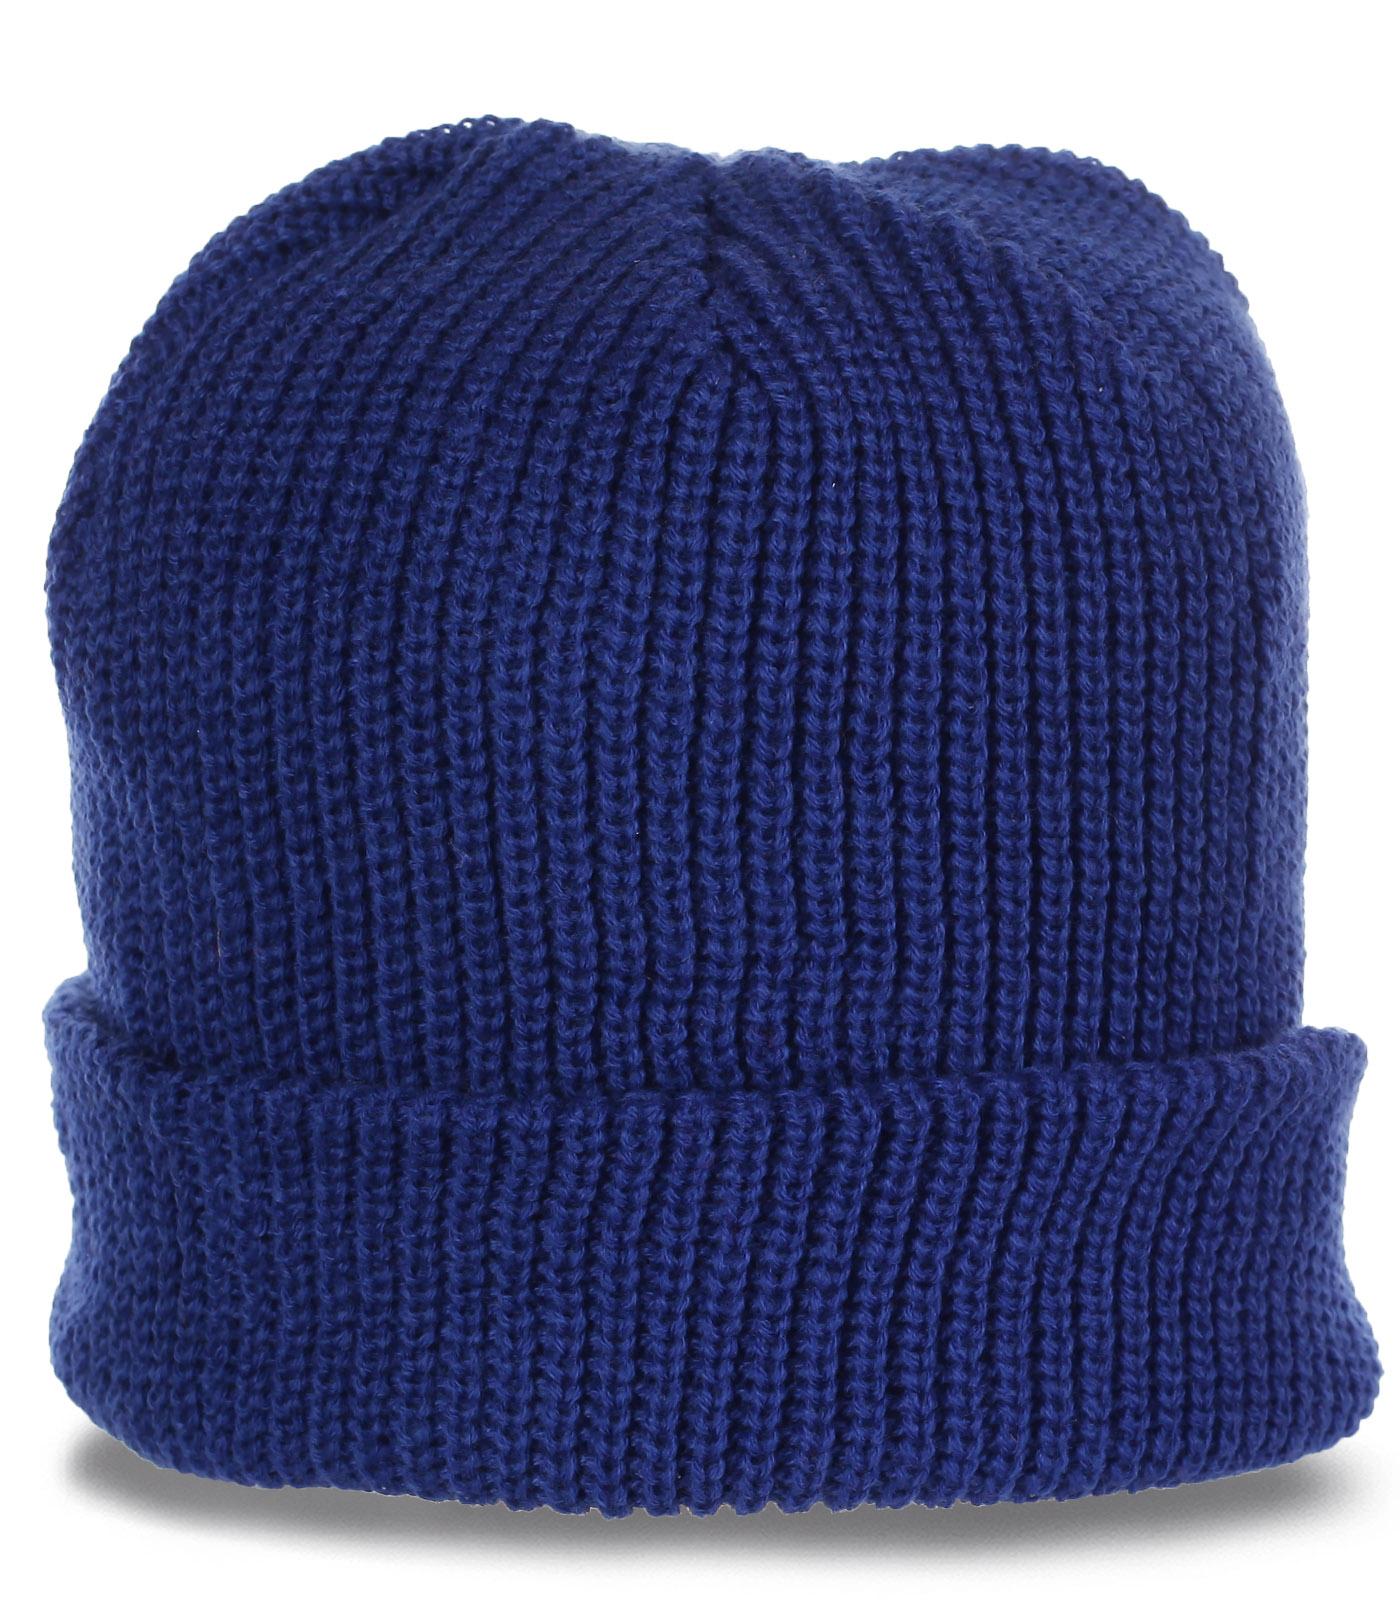 Топовая шапочка для зимних видов спорта и активного отдыха